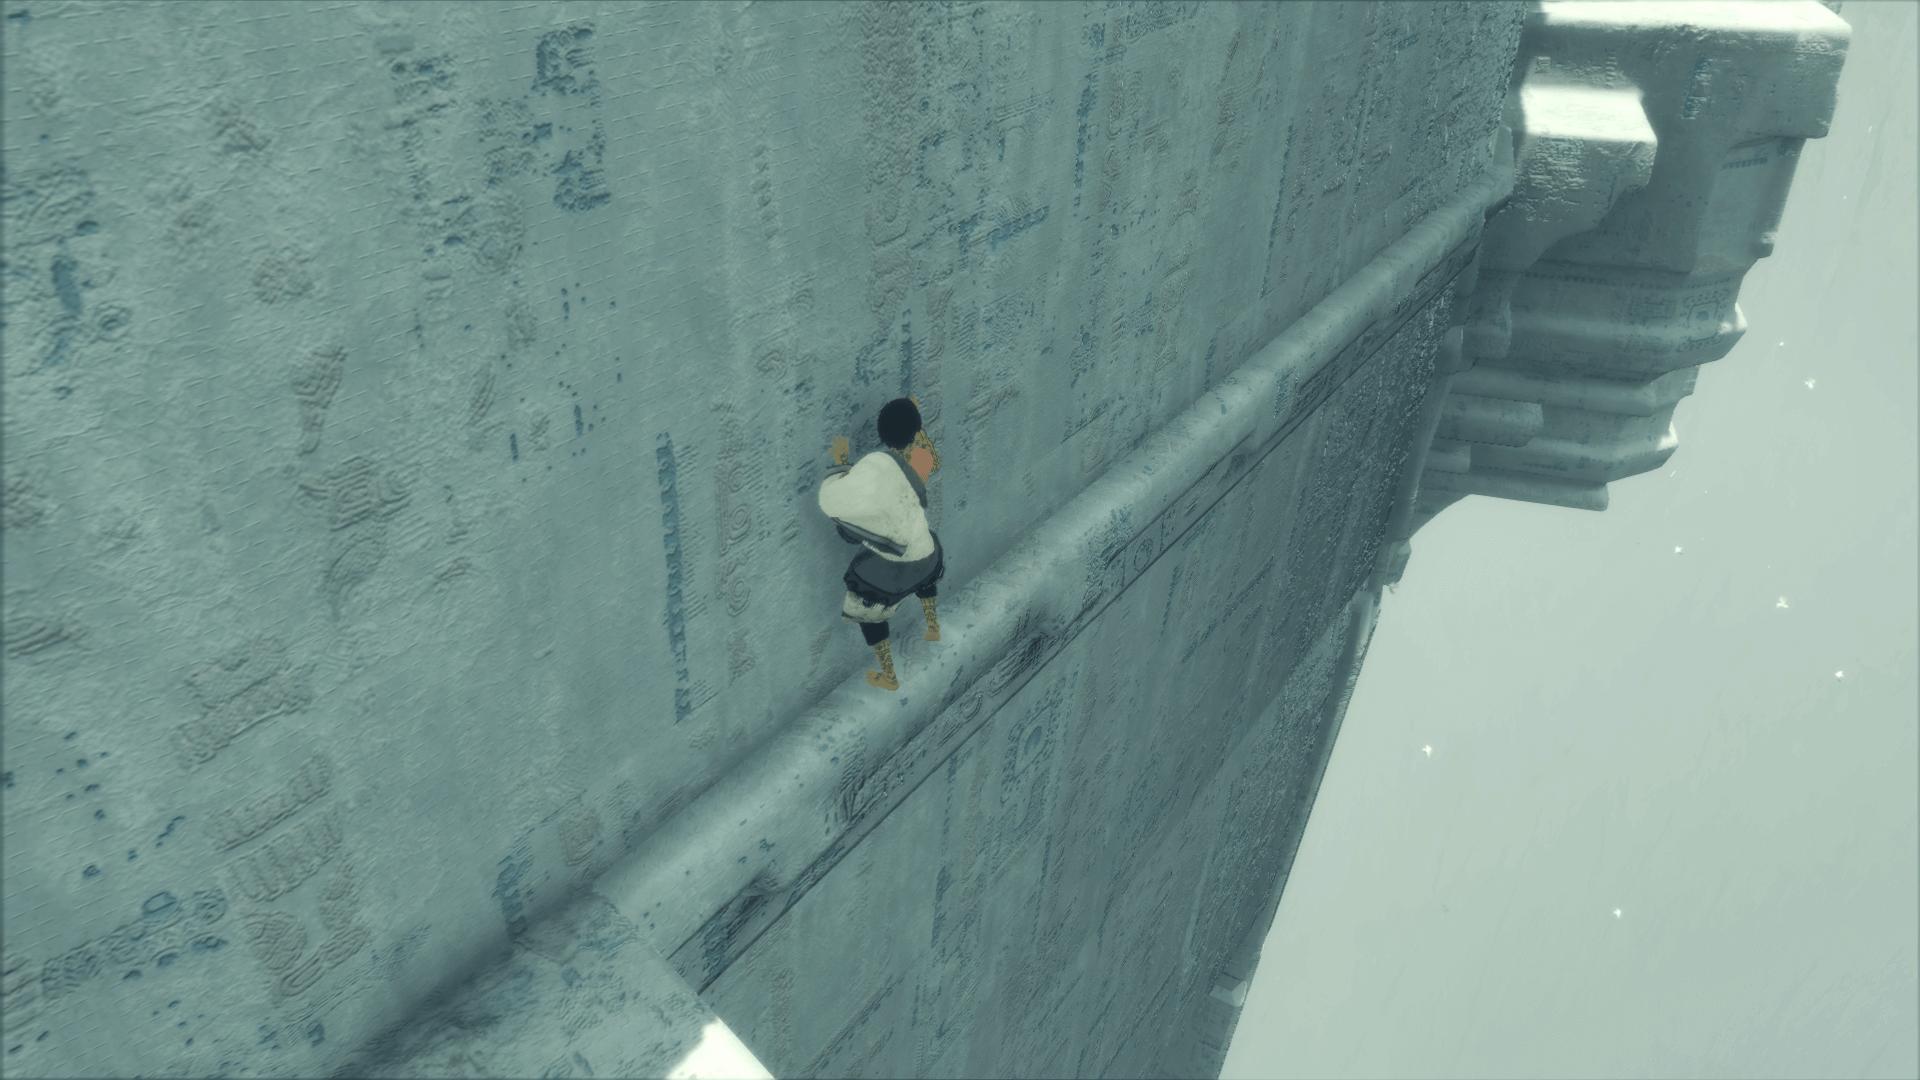 絶壁を移動する少年。